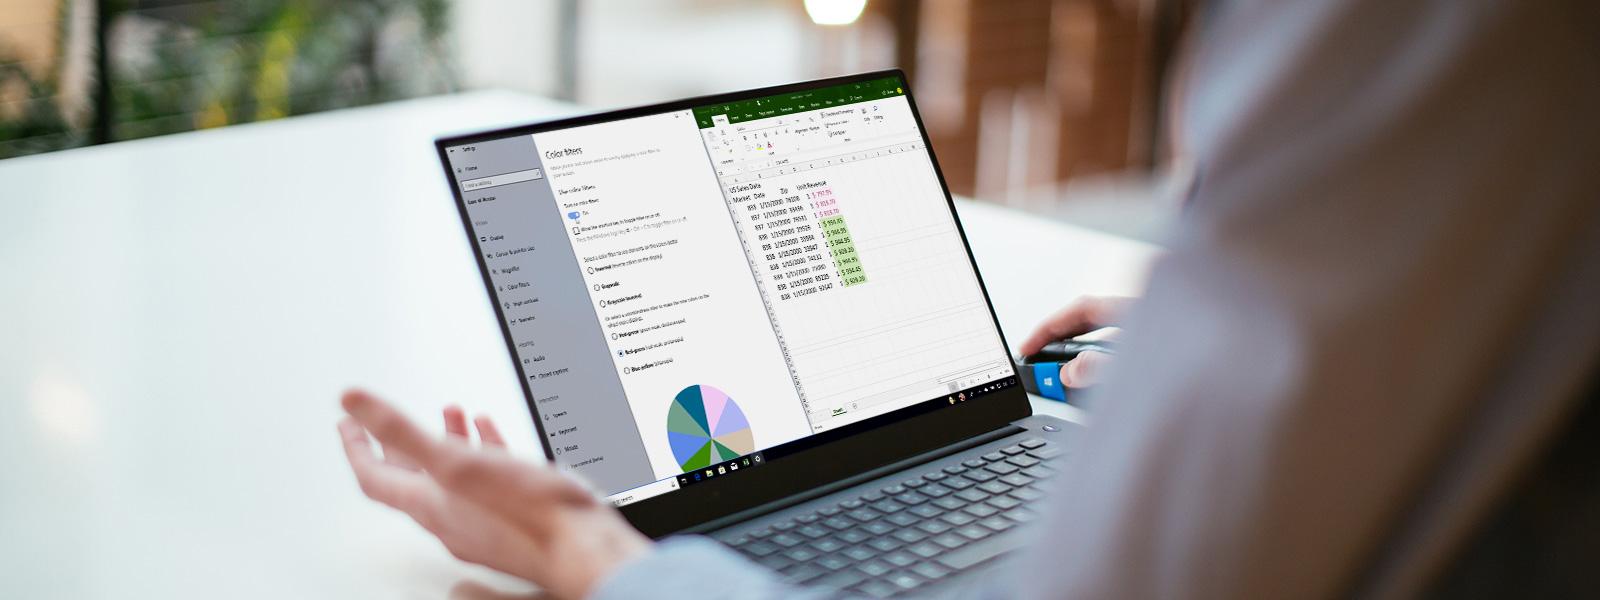 Windows 10 で有効化されたカラーフィルターが使用されたノート PC コンピュータを使う人